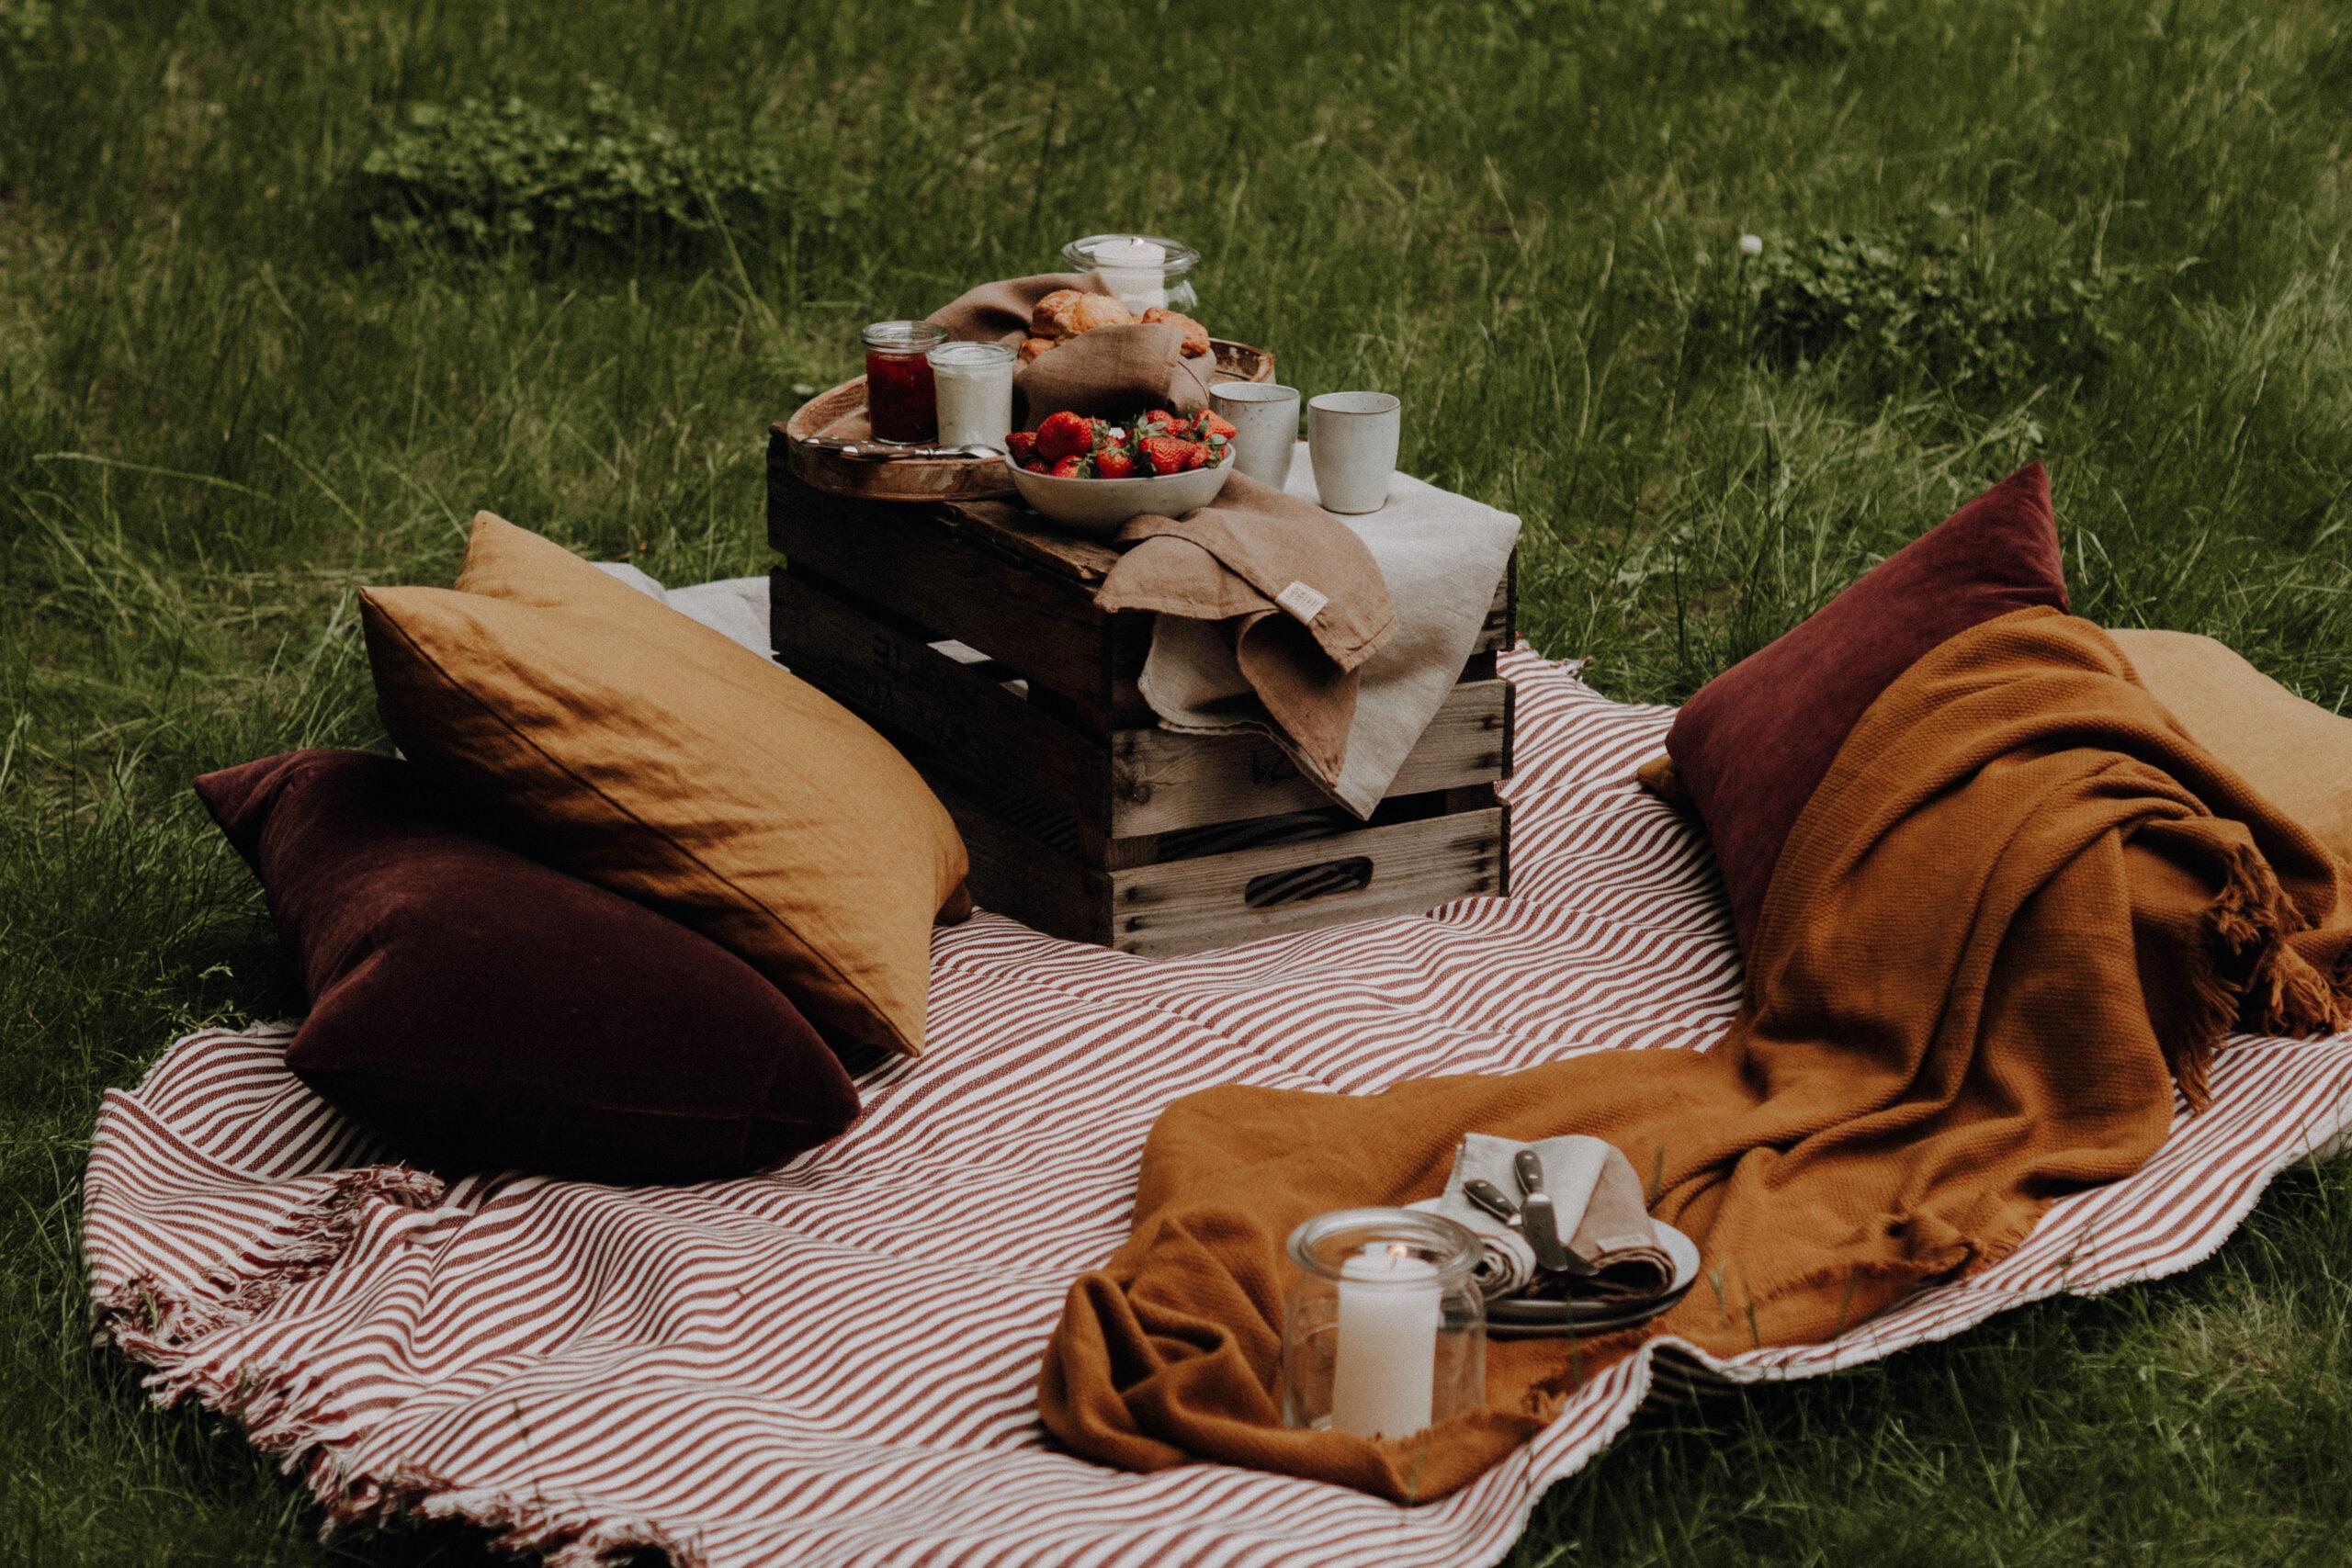 Pack die Picknick-Decke ein und ab nach Draußen mit Scones und Cream